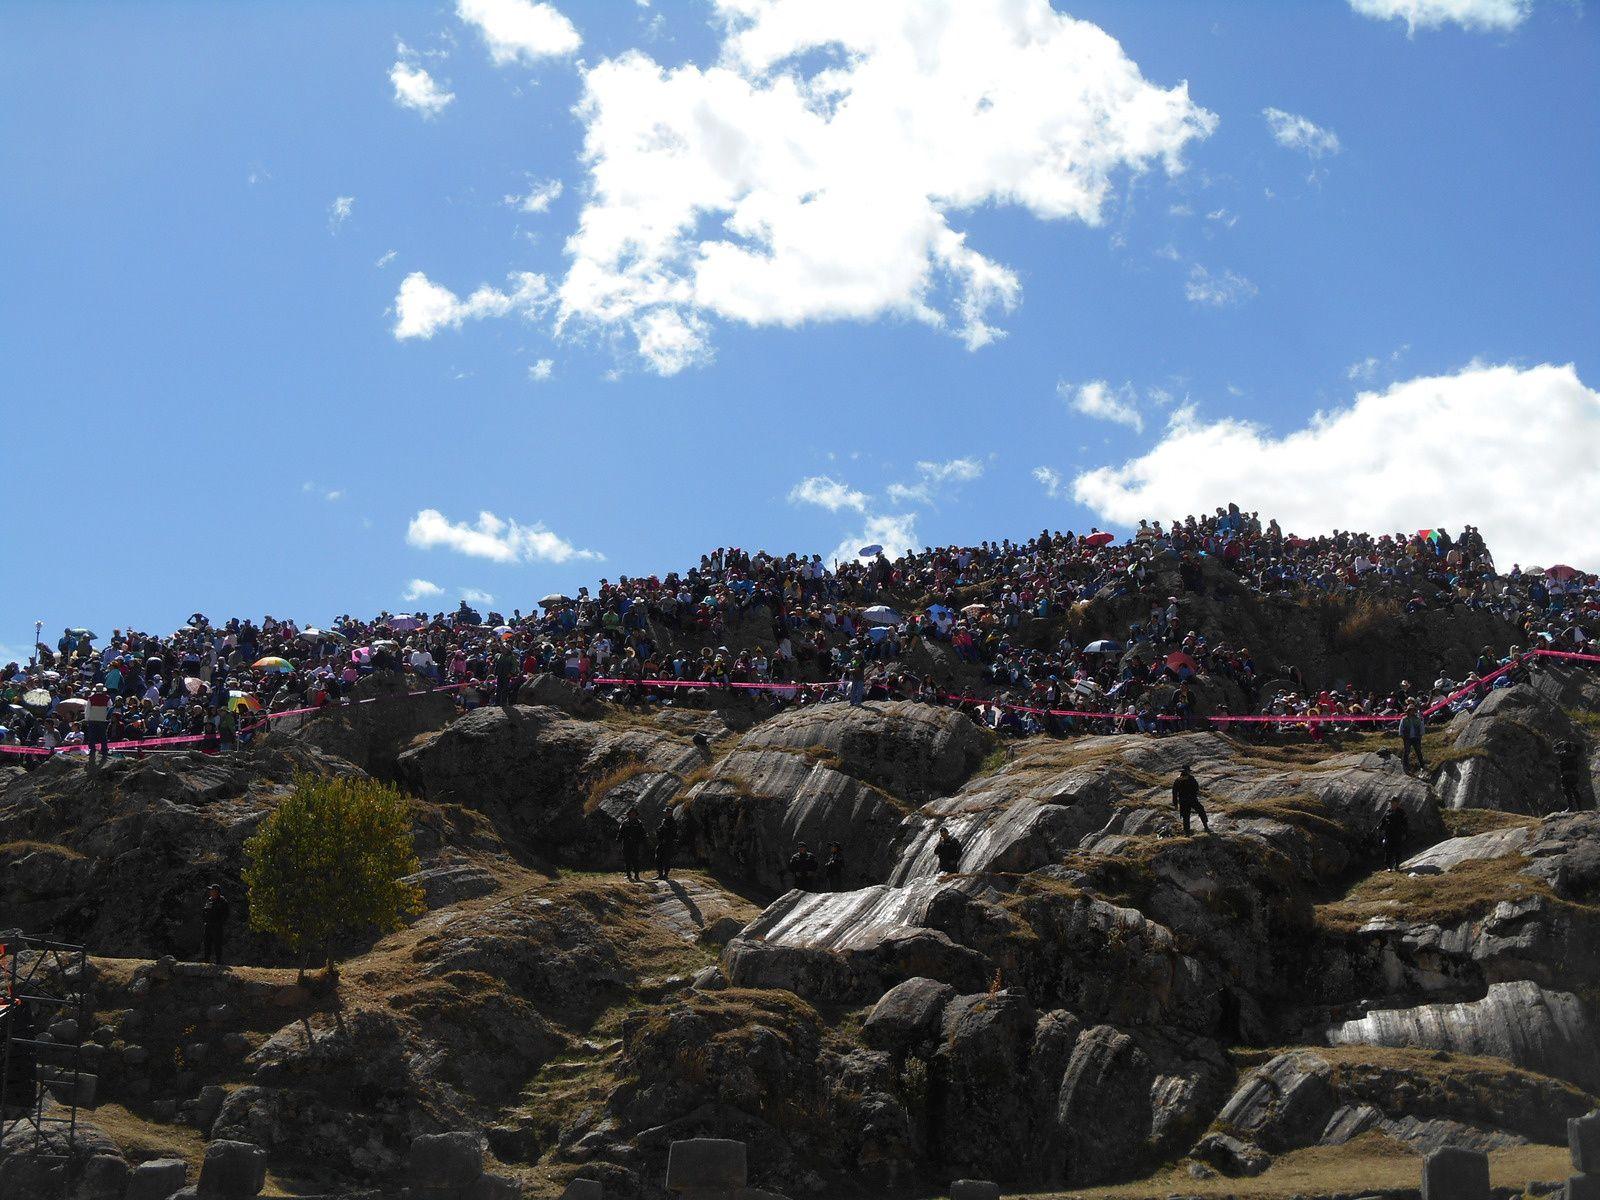 Les spectateurs s'entassent sur les collines alentour...(20000, 50000, 100000...difficile à chiffrer!)